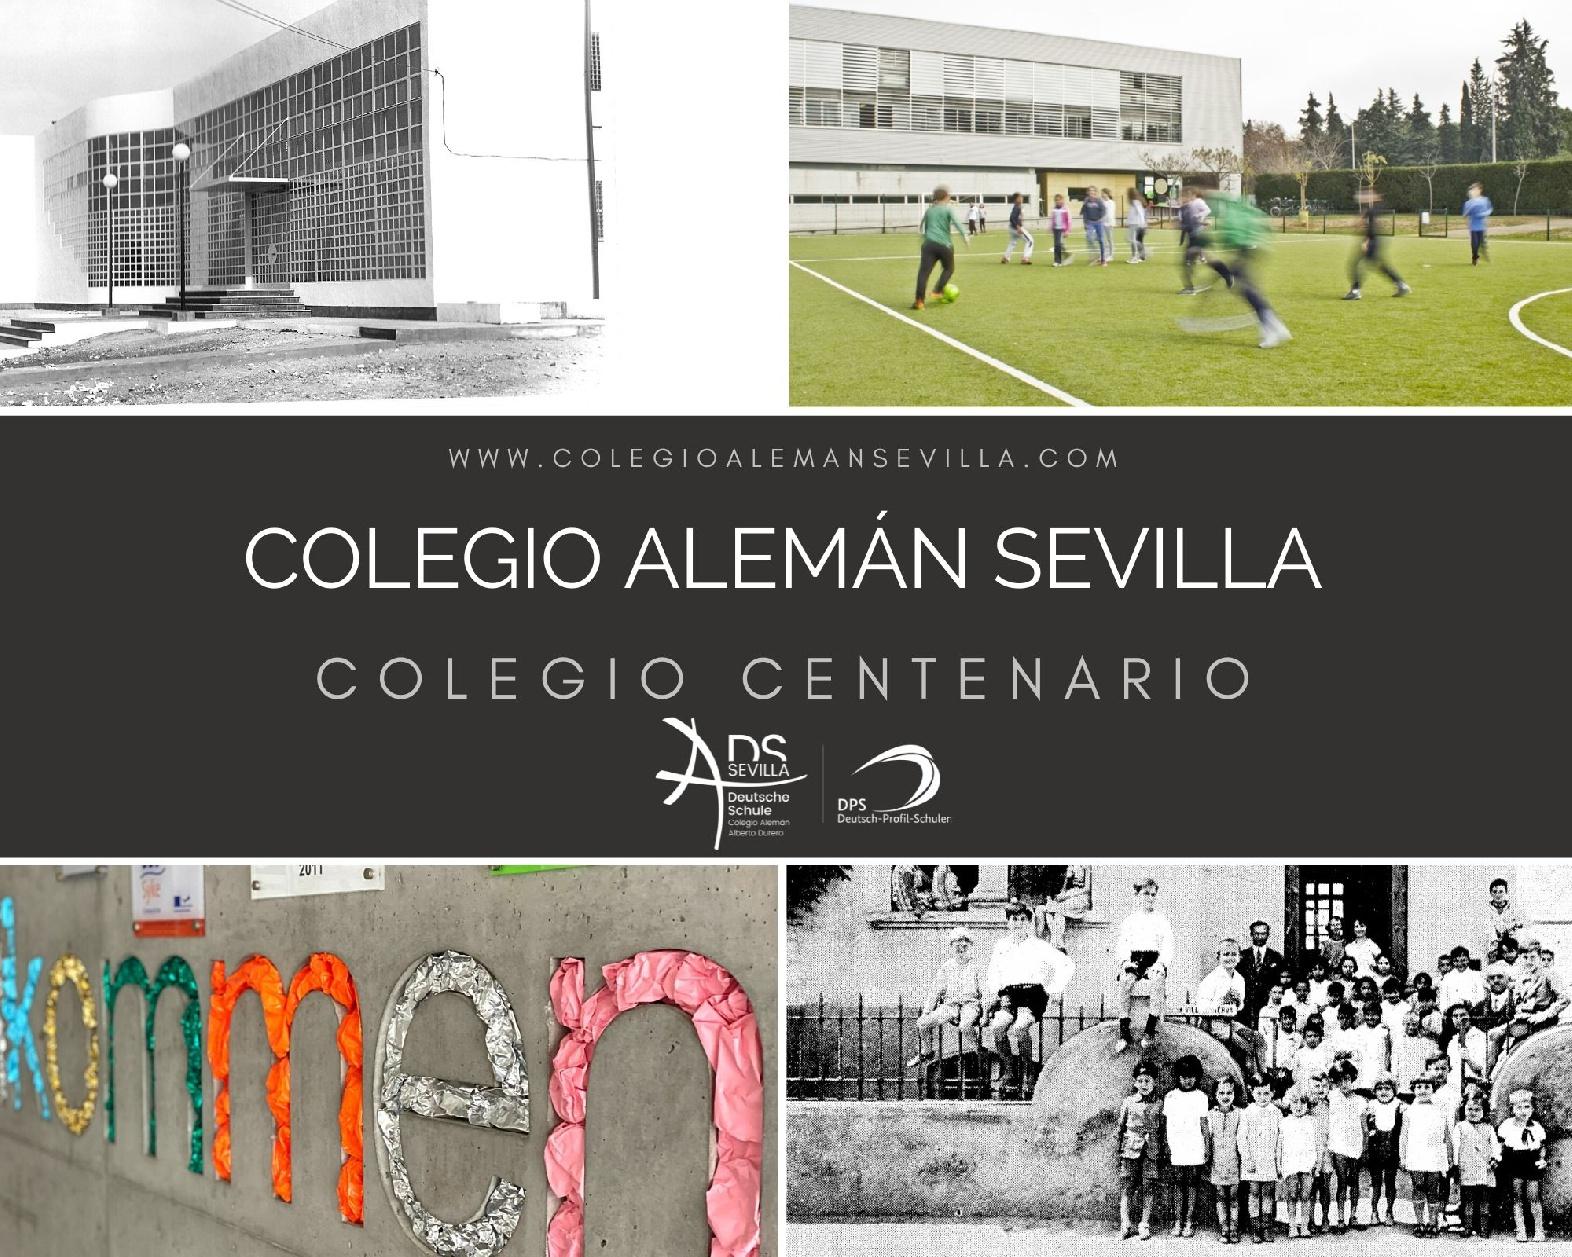 COLEGIO ALEMÁN SEVILLA: COLEGIO CENTENARIO